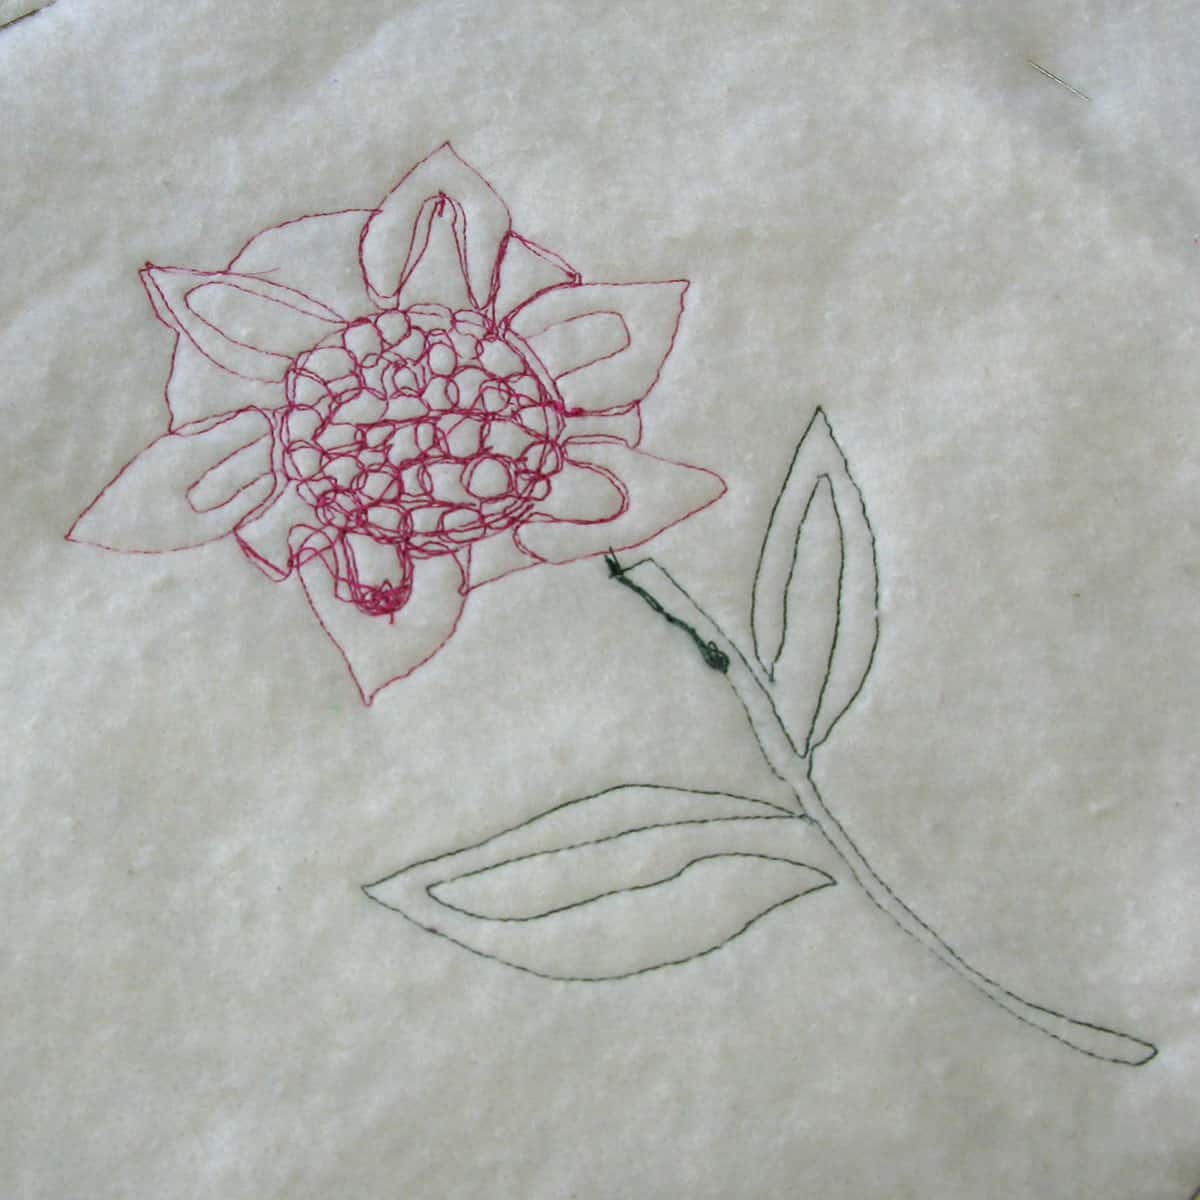 Back of the appliqued flower